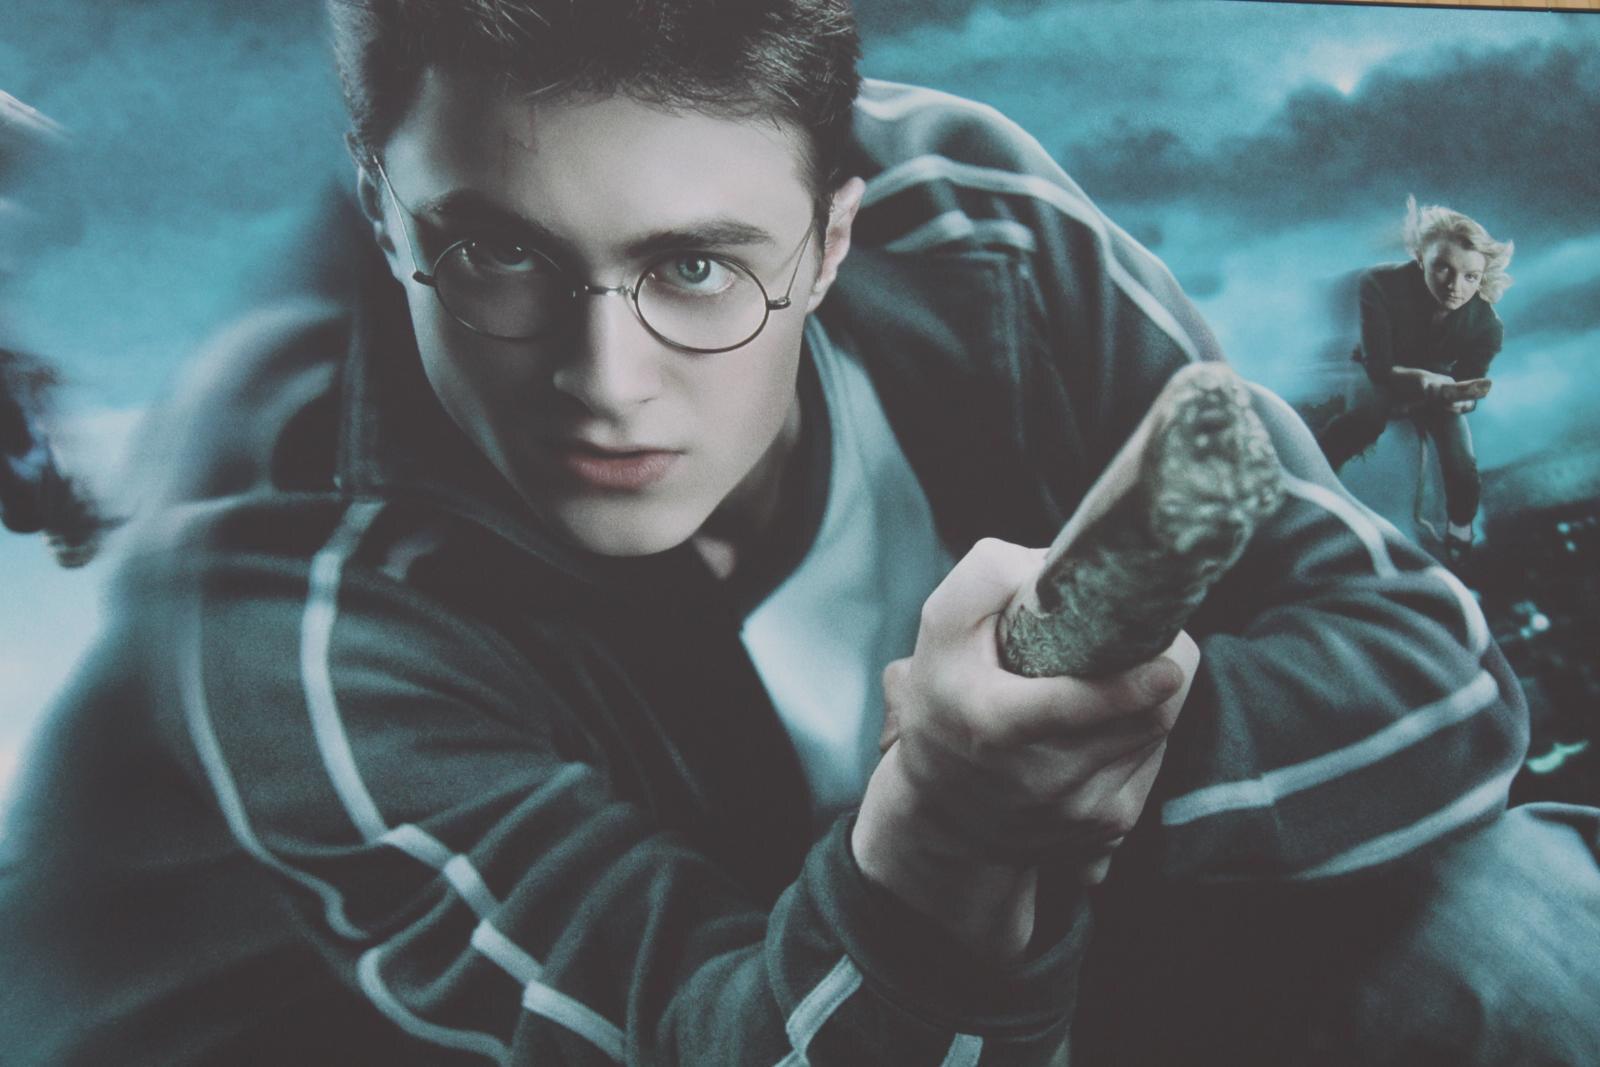 Harry, zabierz ze sobą moje ciało! Proszę, oddaj je moim rodzicom!